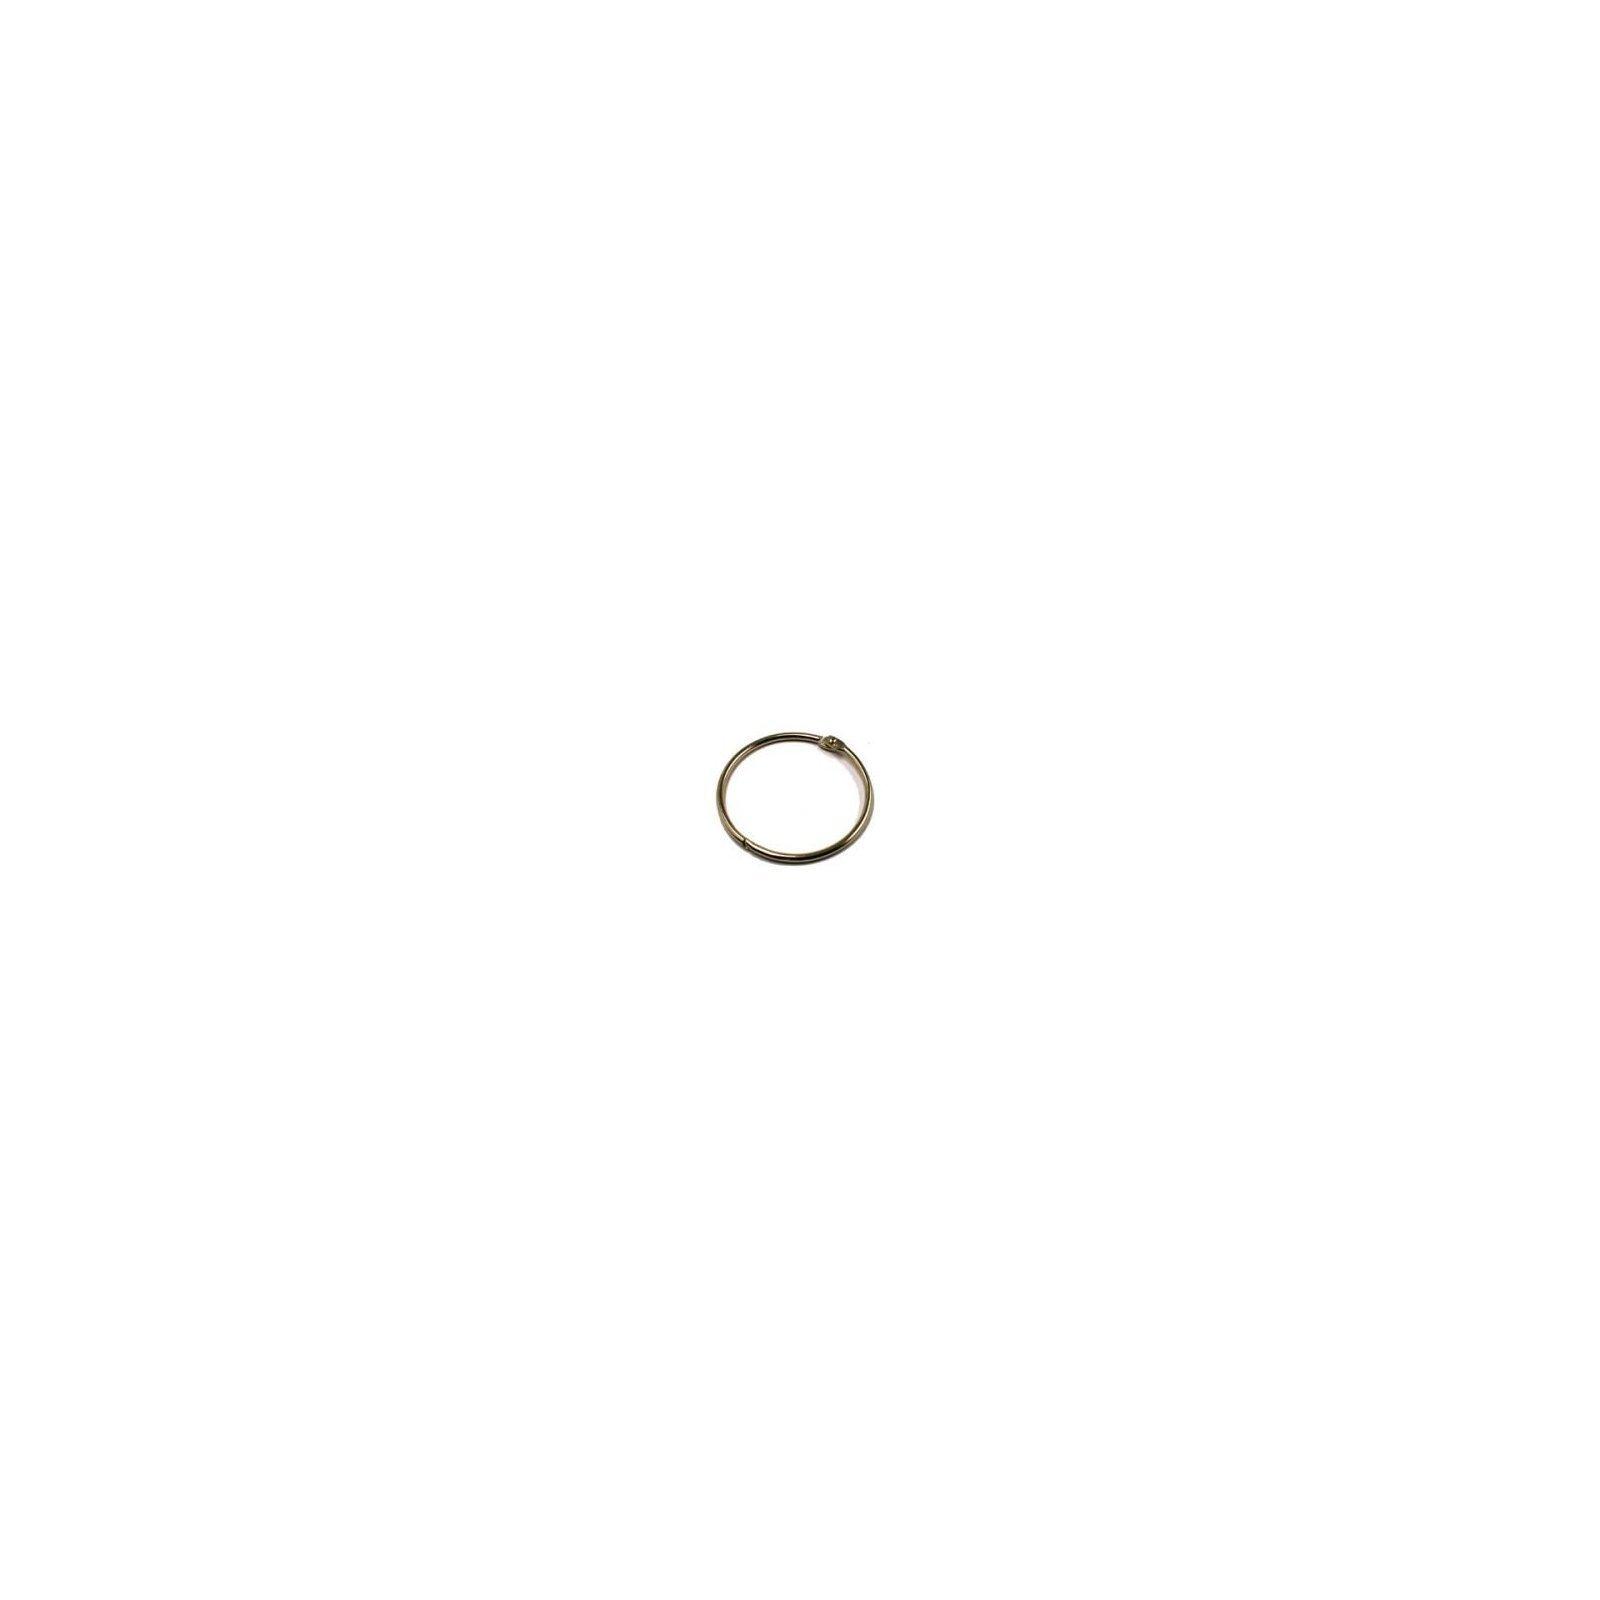 Anneau brisé - Diamètre 50 mm - Argent - Ephemeria